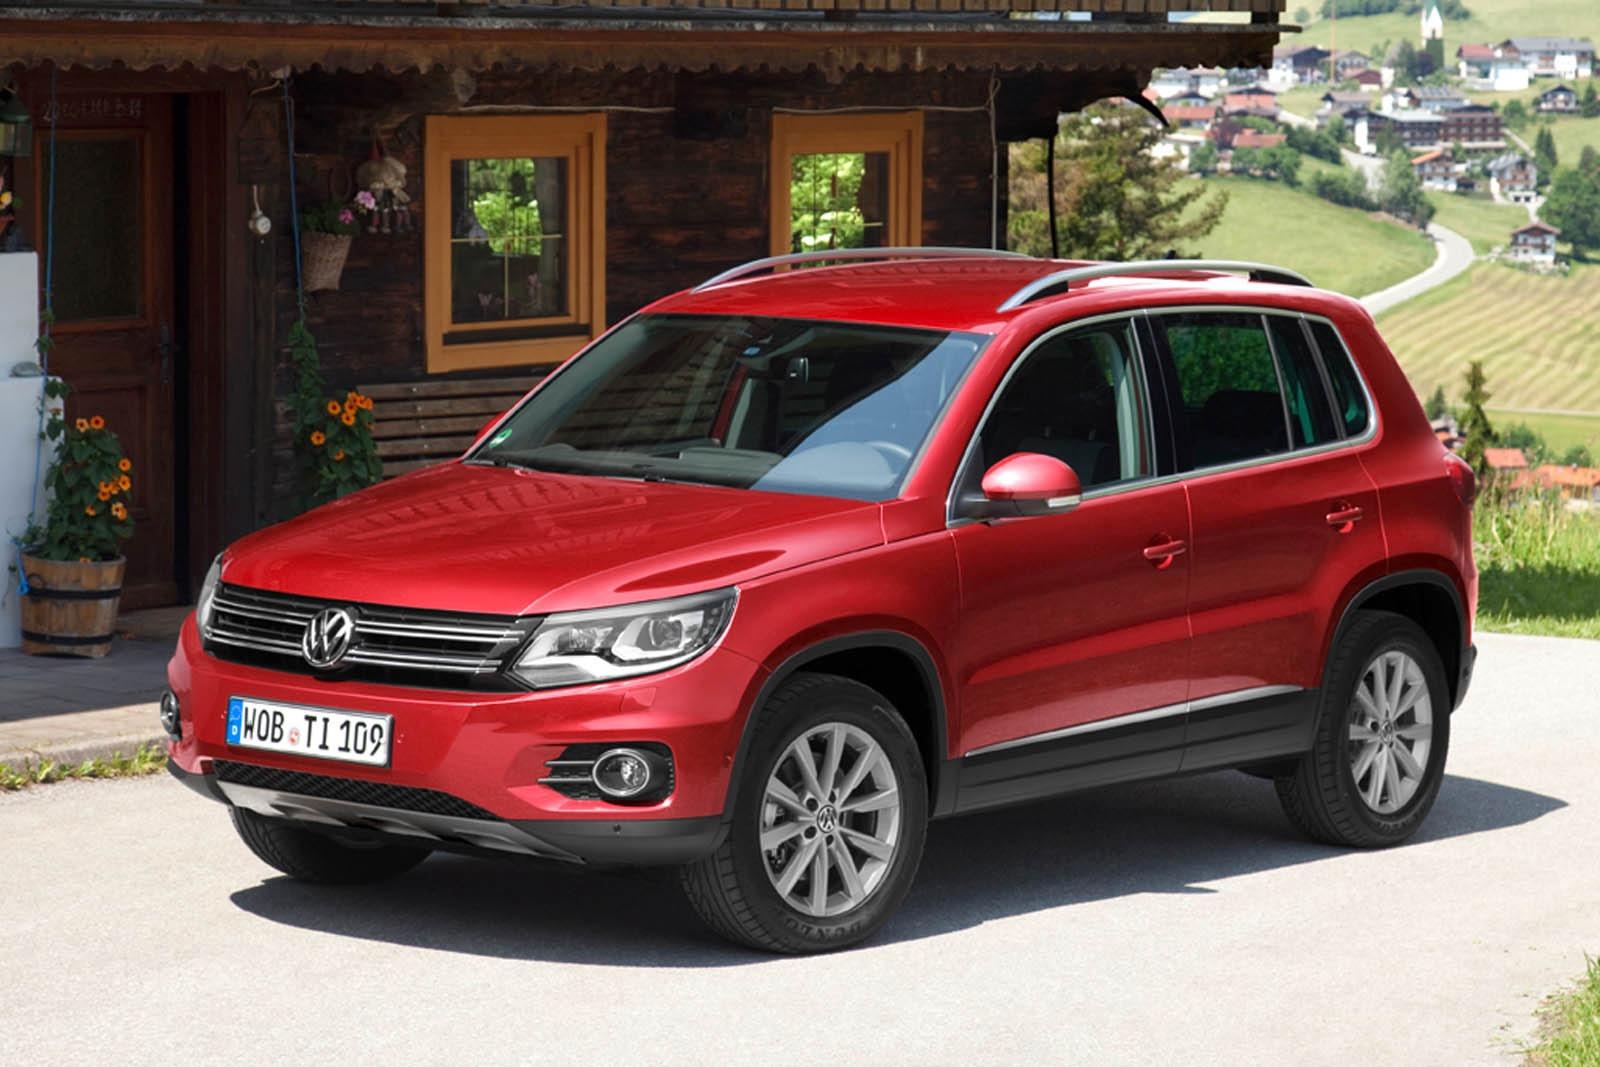 2014 Volkswagen Tiguan Image 1